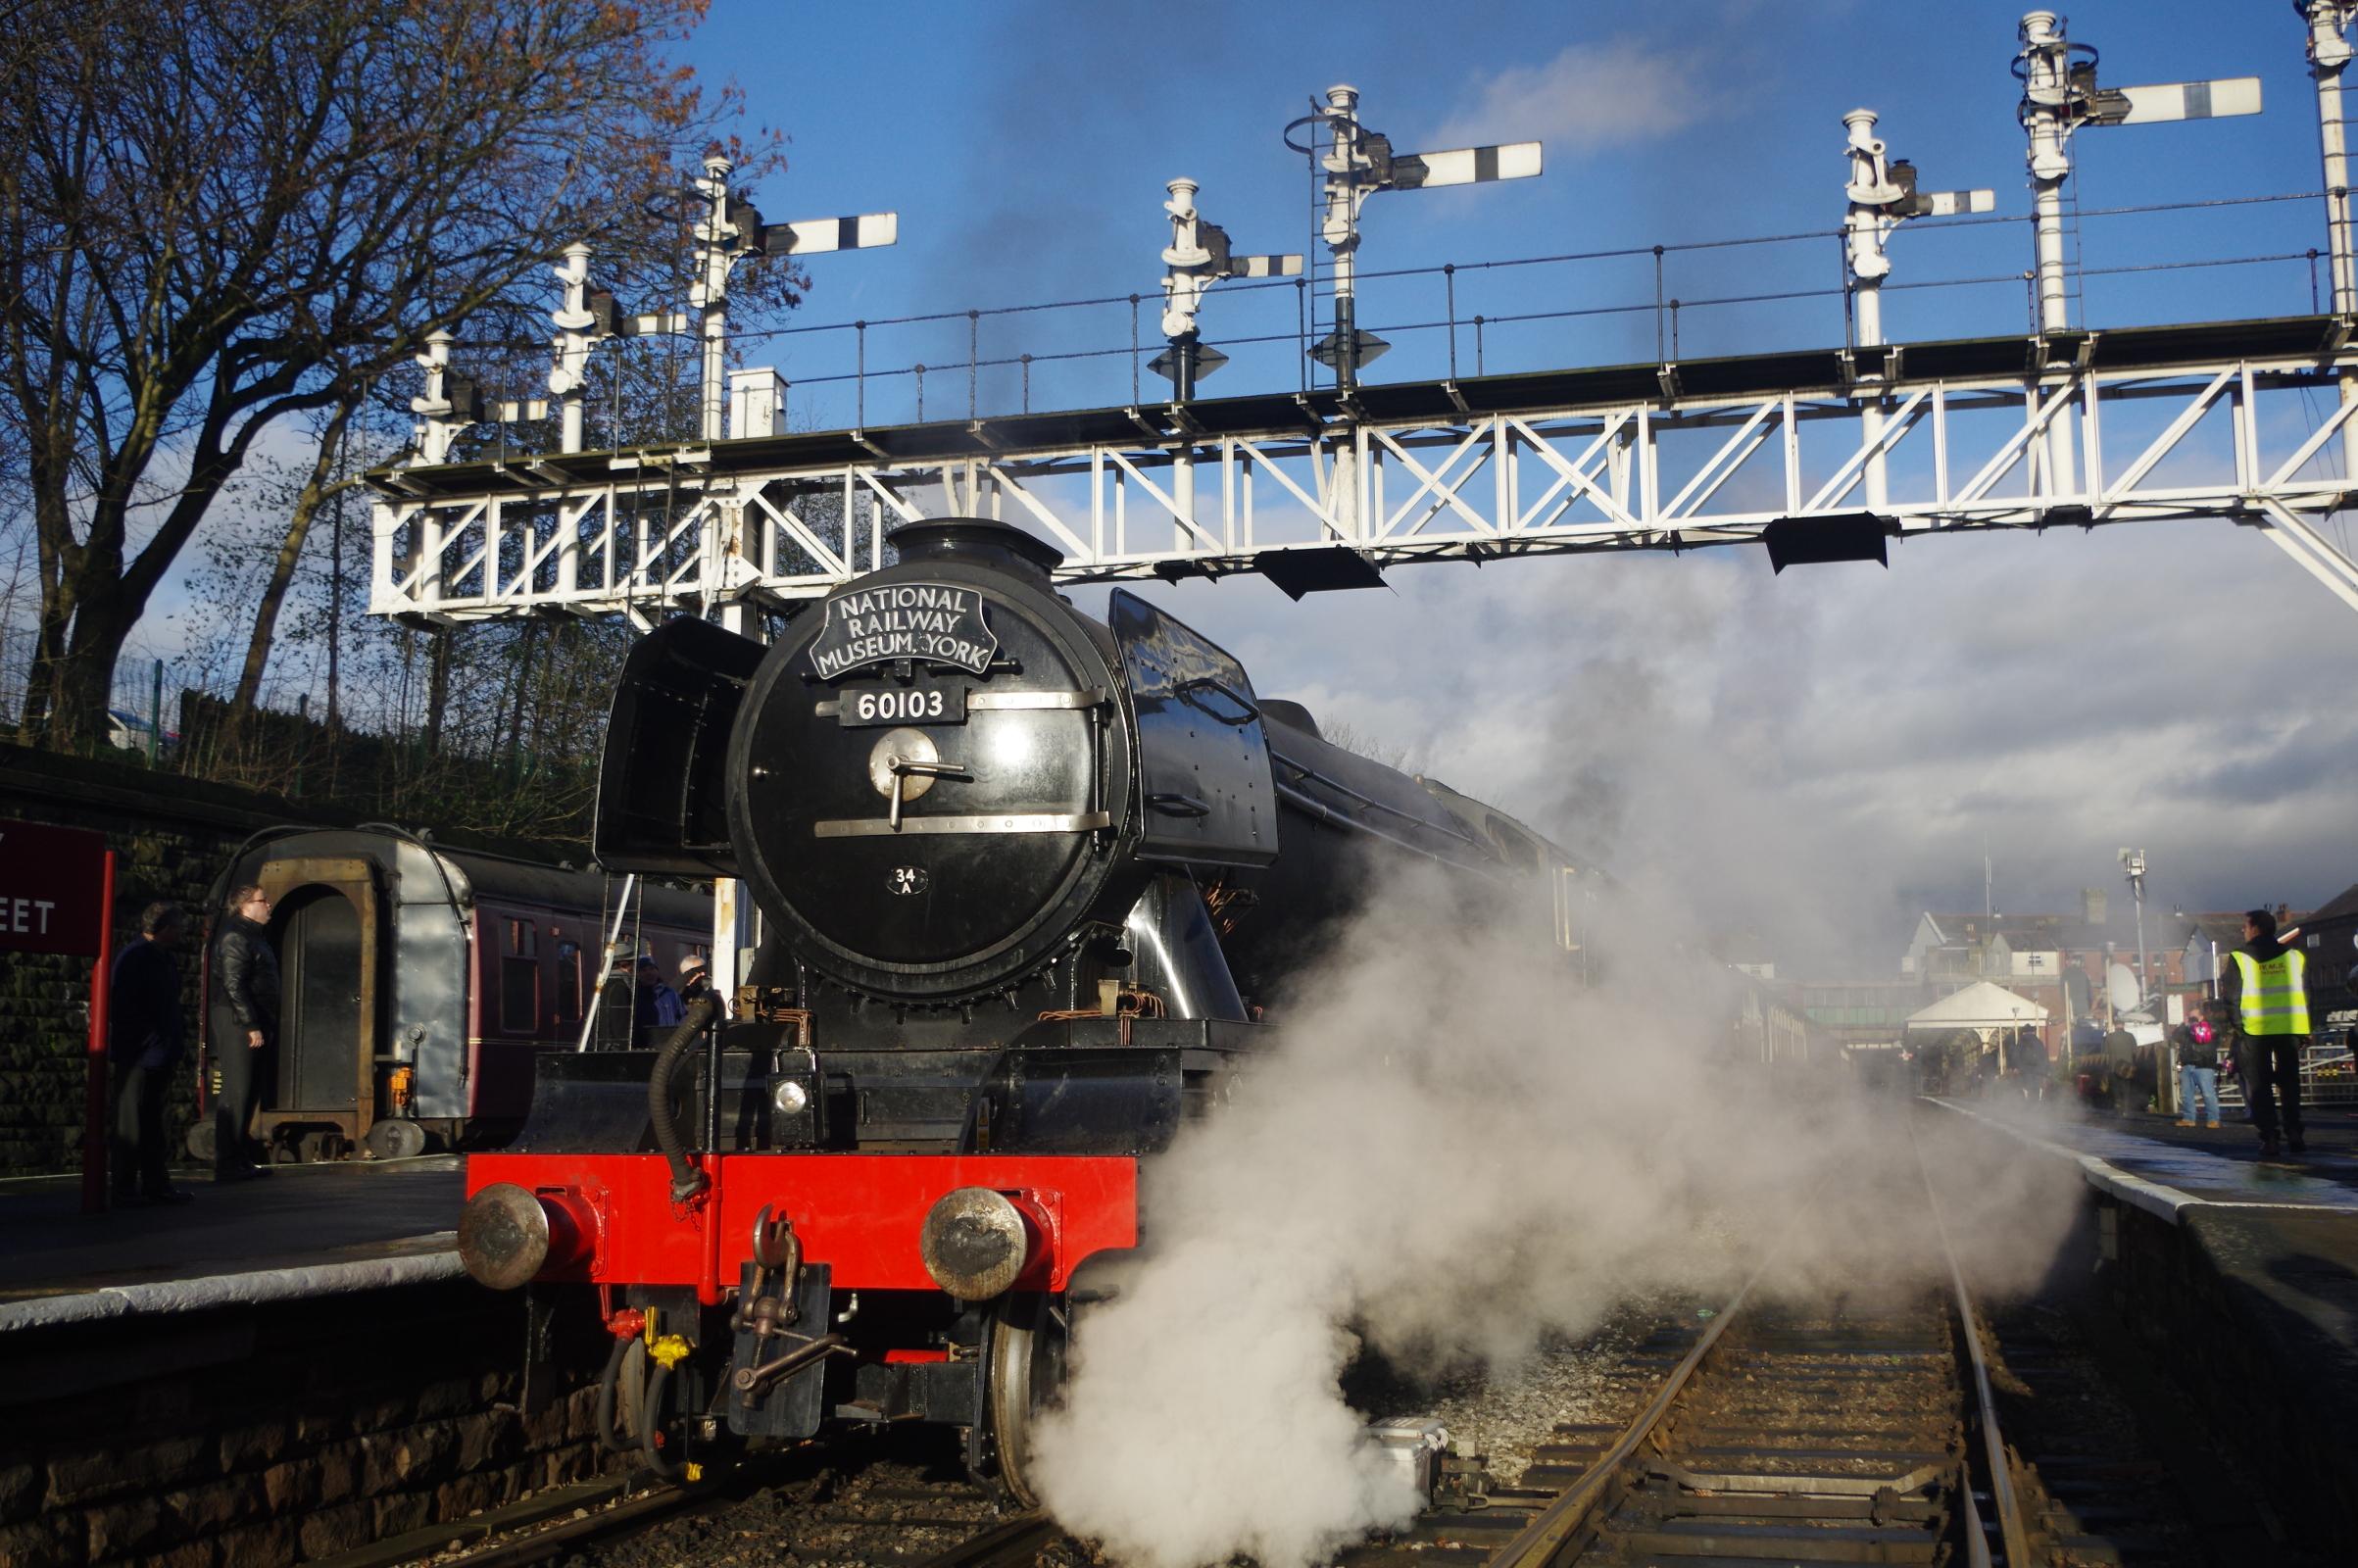 Flying Scotsman - courtesy of Robin Jones of Heritage Railway Magazine